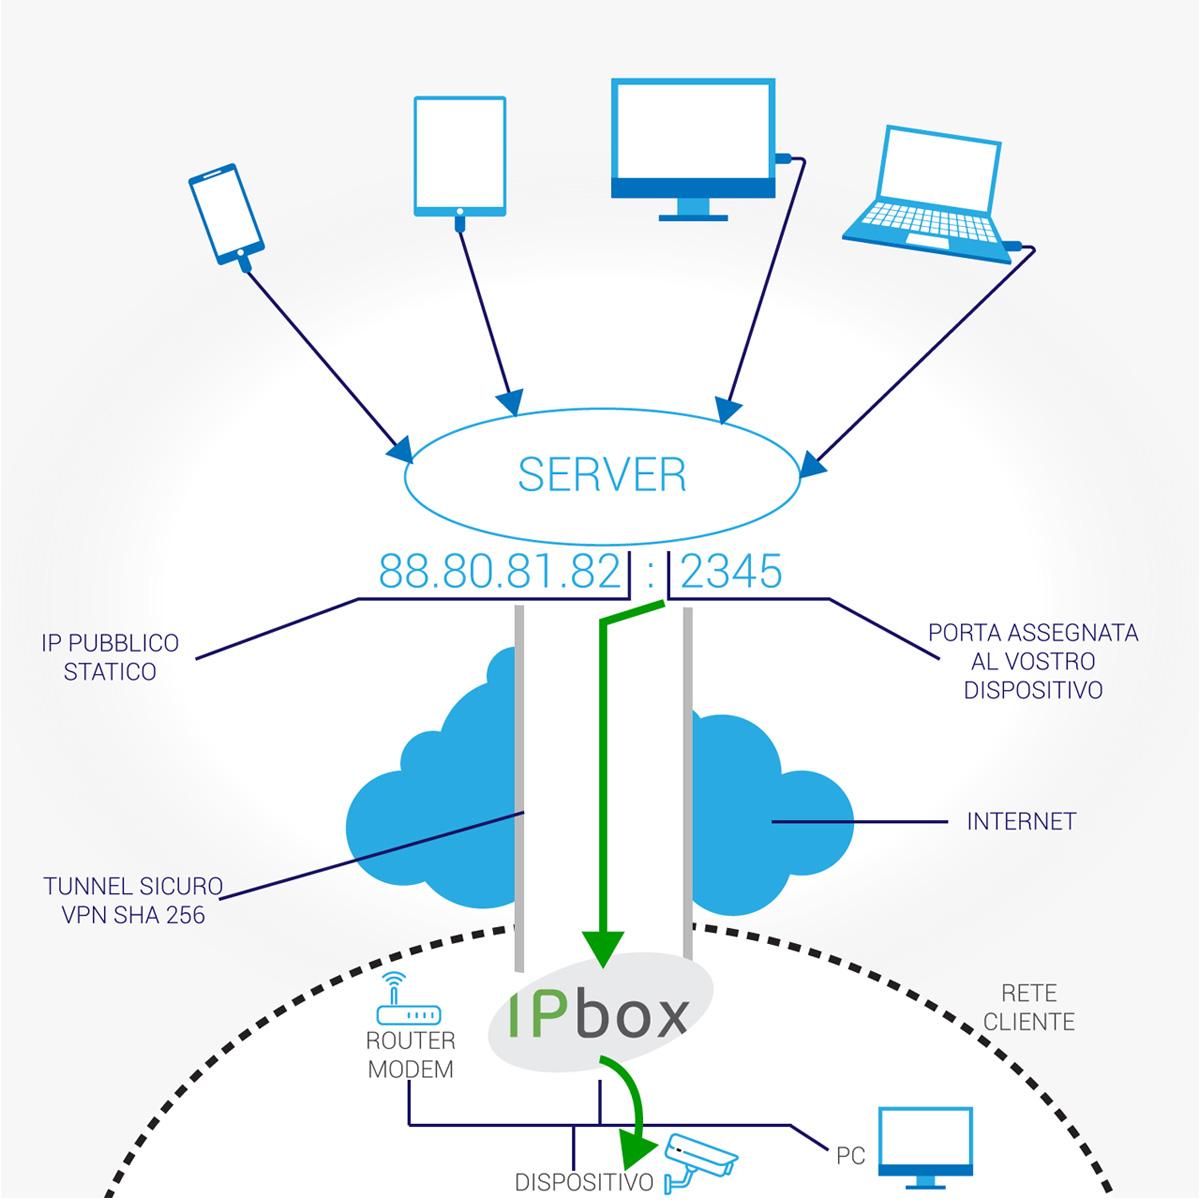 ipcloud ipbox schema, vpn gateway,  ip pubblico statico ip box accedere da remoto a dispositivi alessandria torino milano genova